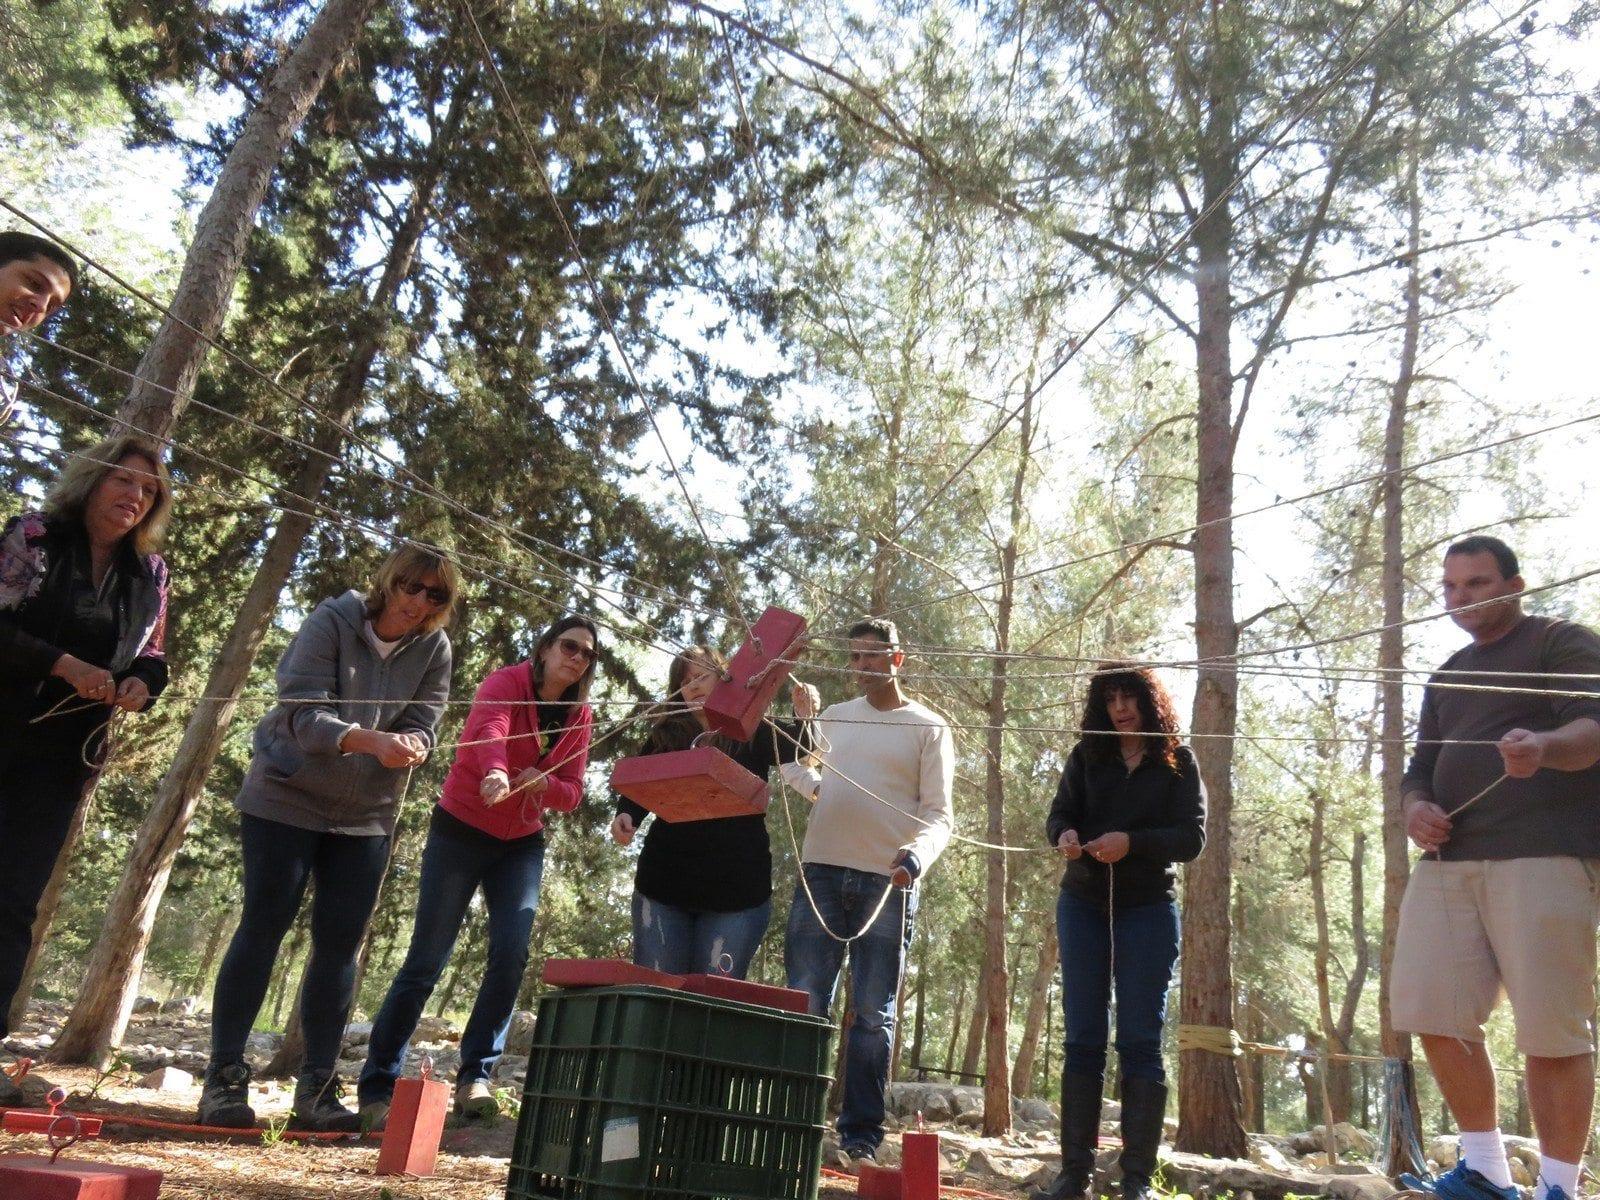 פעילות ODT עם ערוצים בטבע